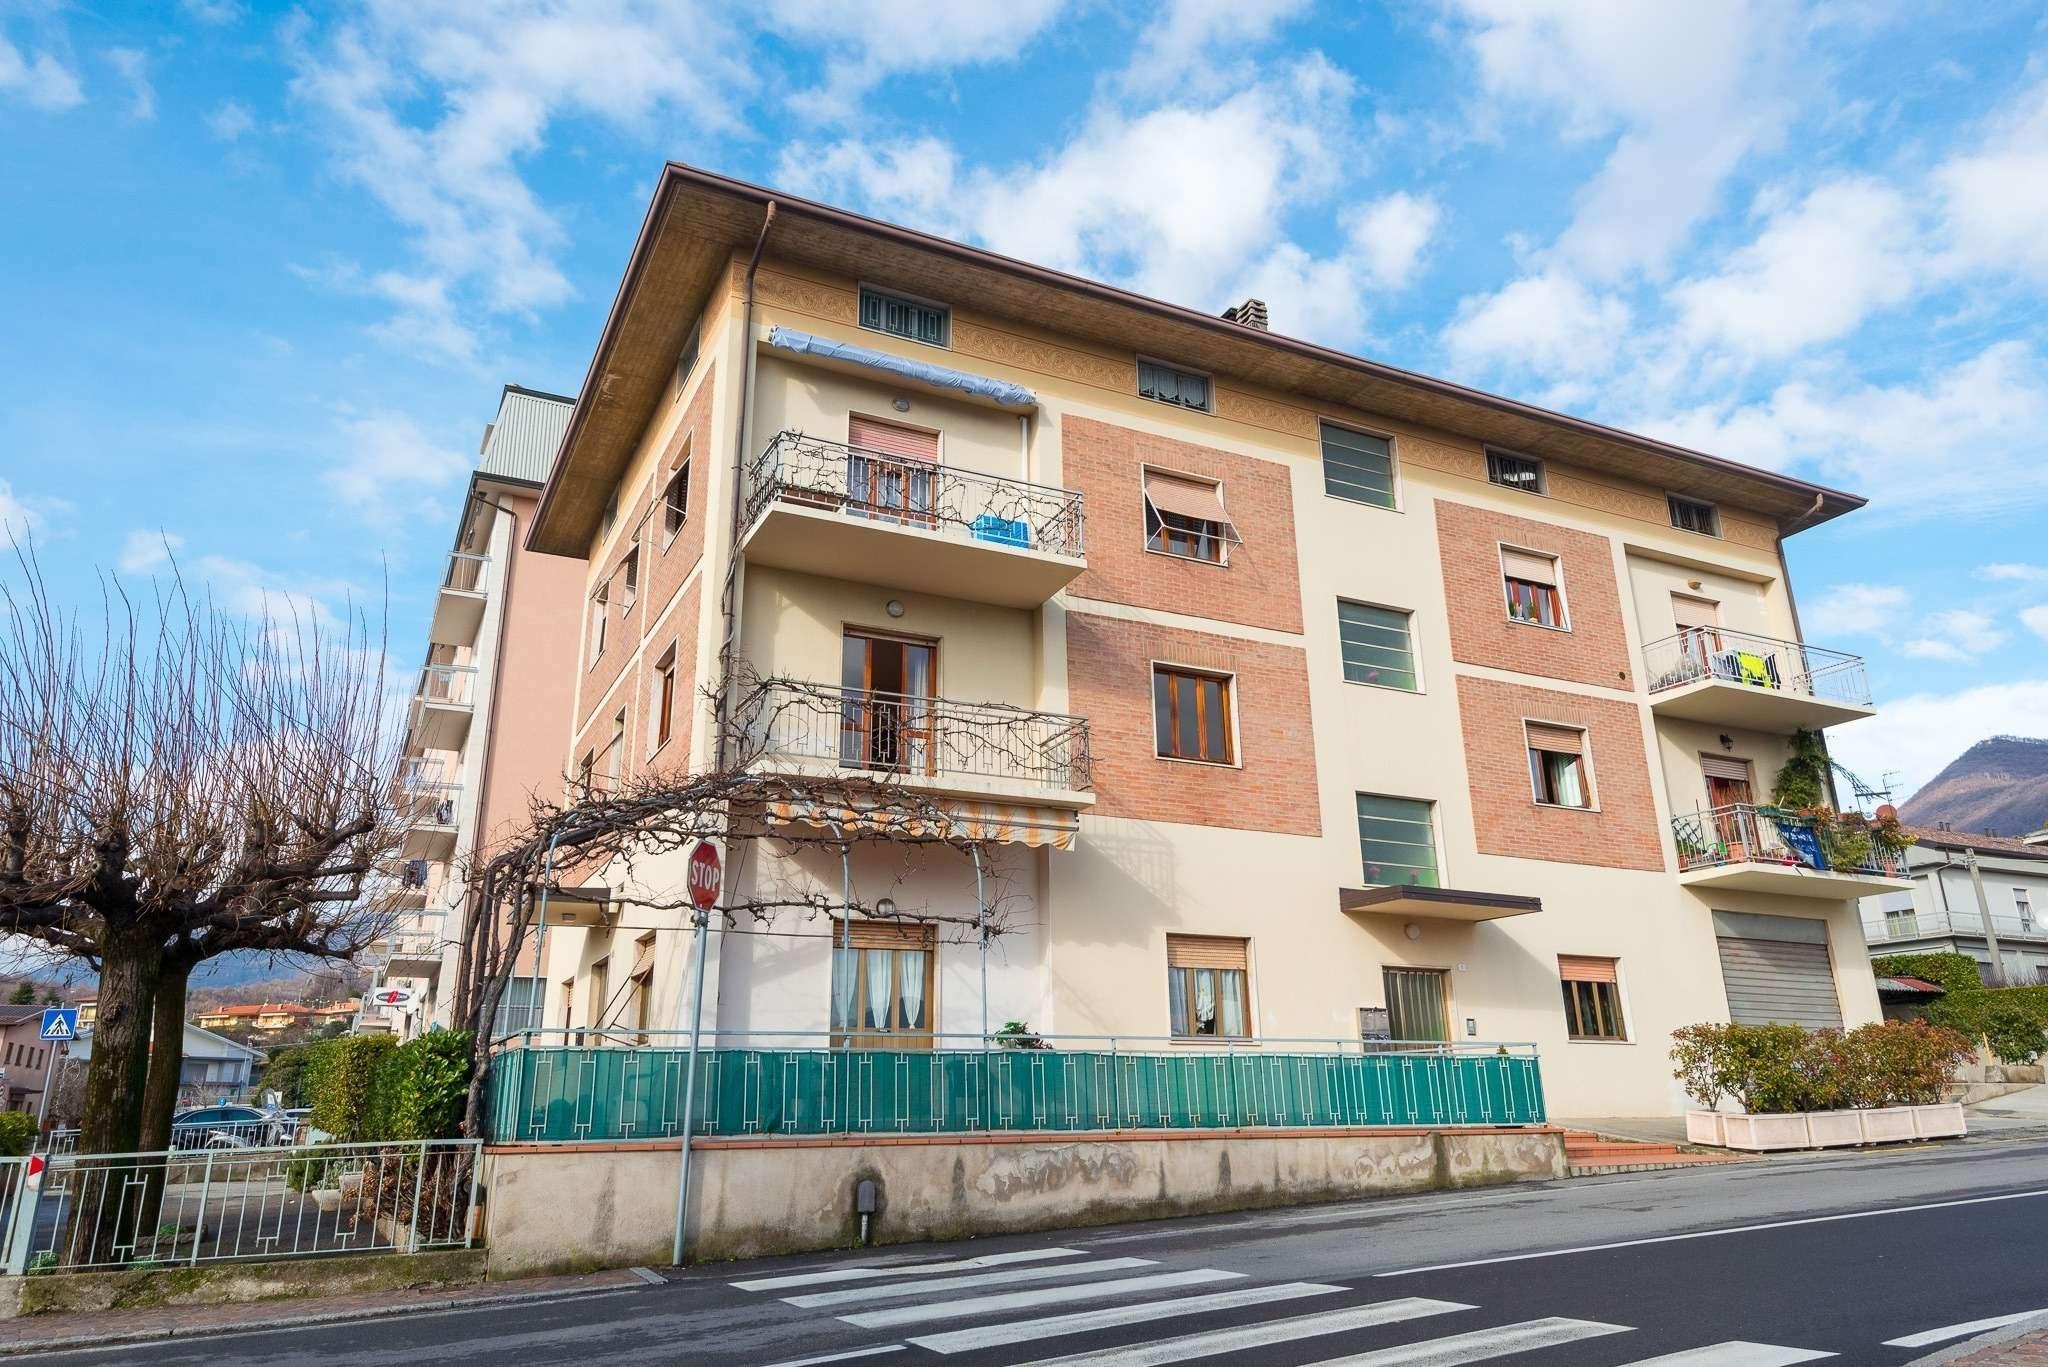 Appartamento in vendita a Almenno San Salvatore, 4 locali, prezzo € 89.000 | CambioCasa.it